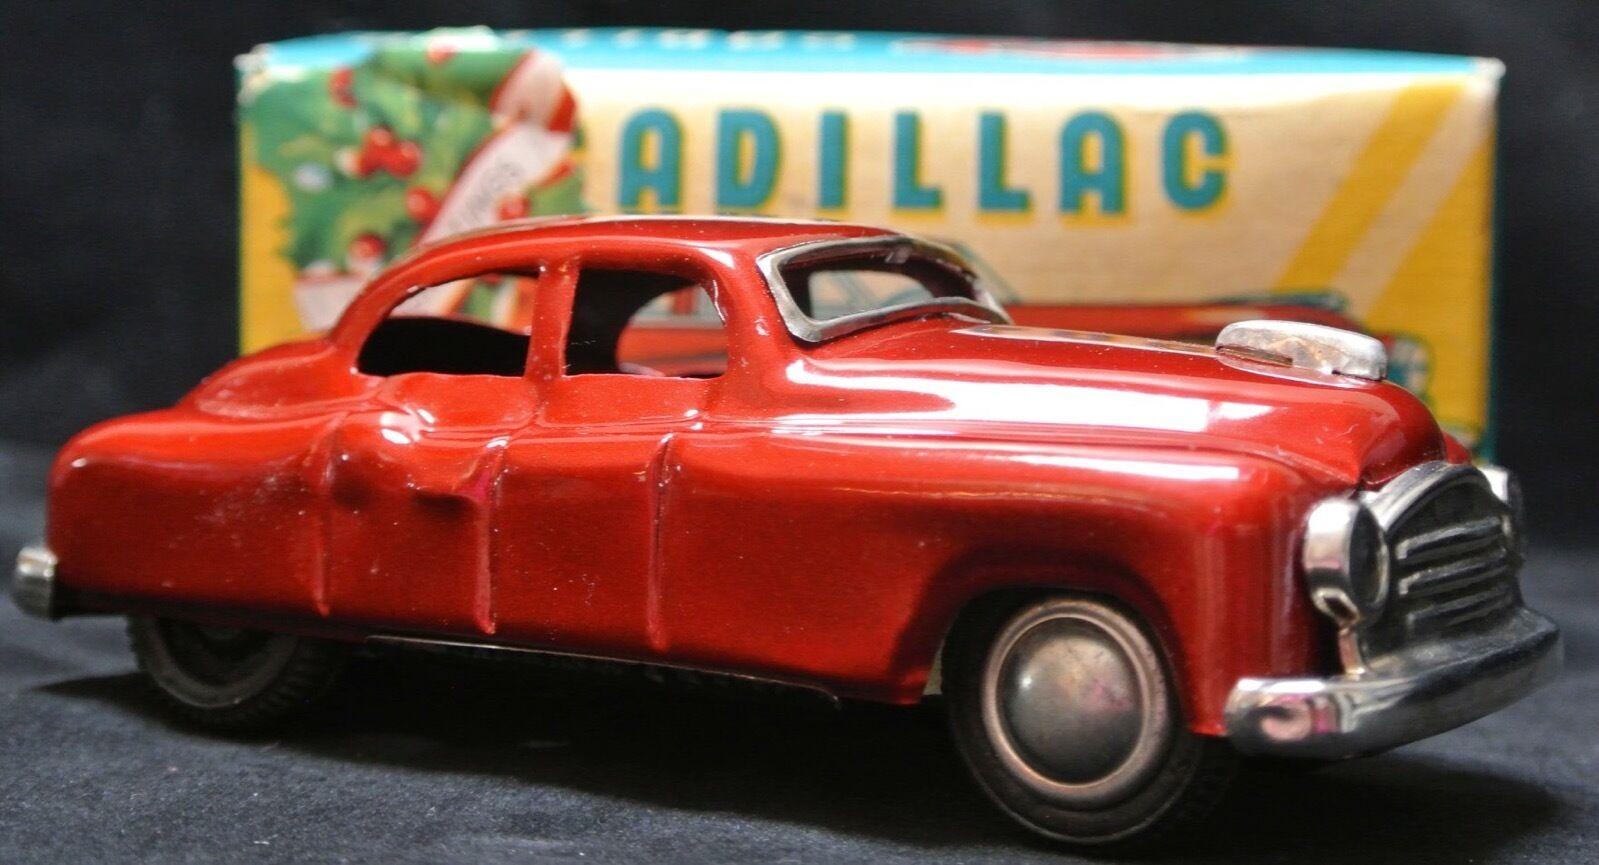 Jahrgang 1950 ist japan zinn spielzeug rot cadillac - schönen auto w   kasten - box zeigt, tragen